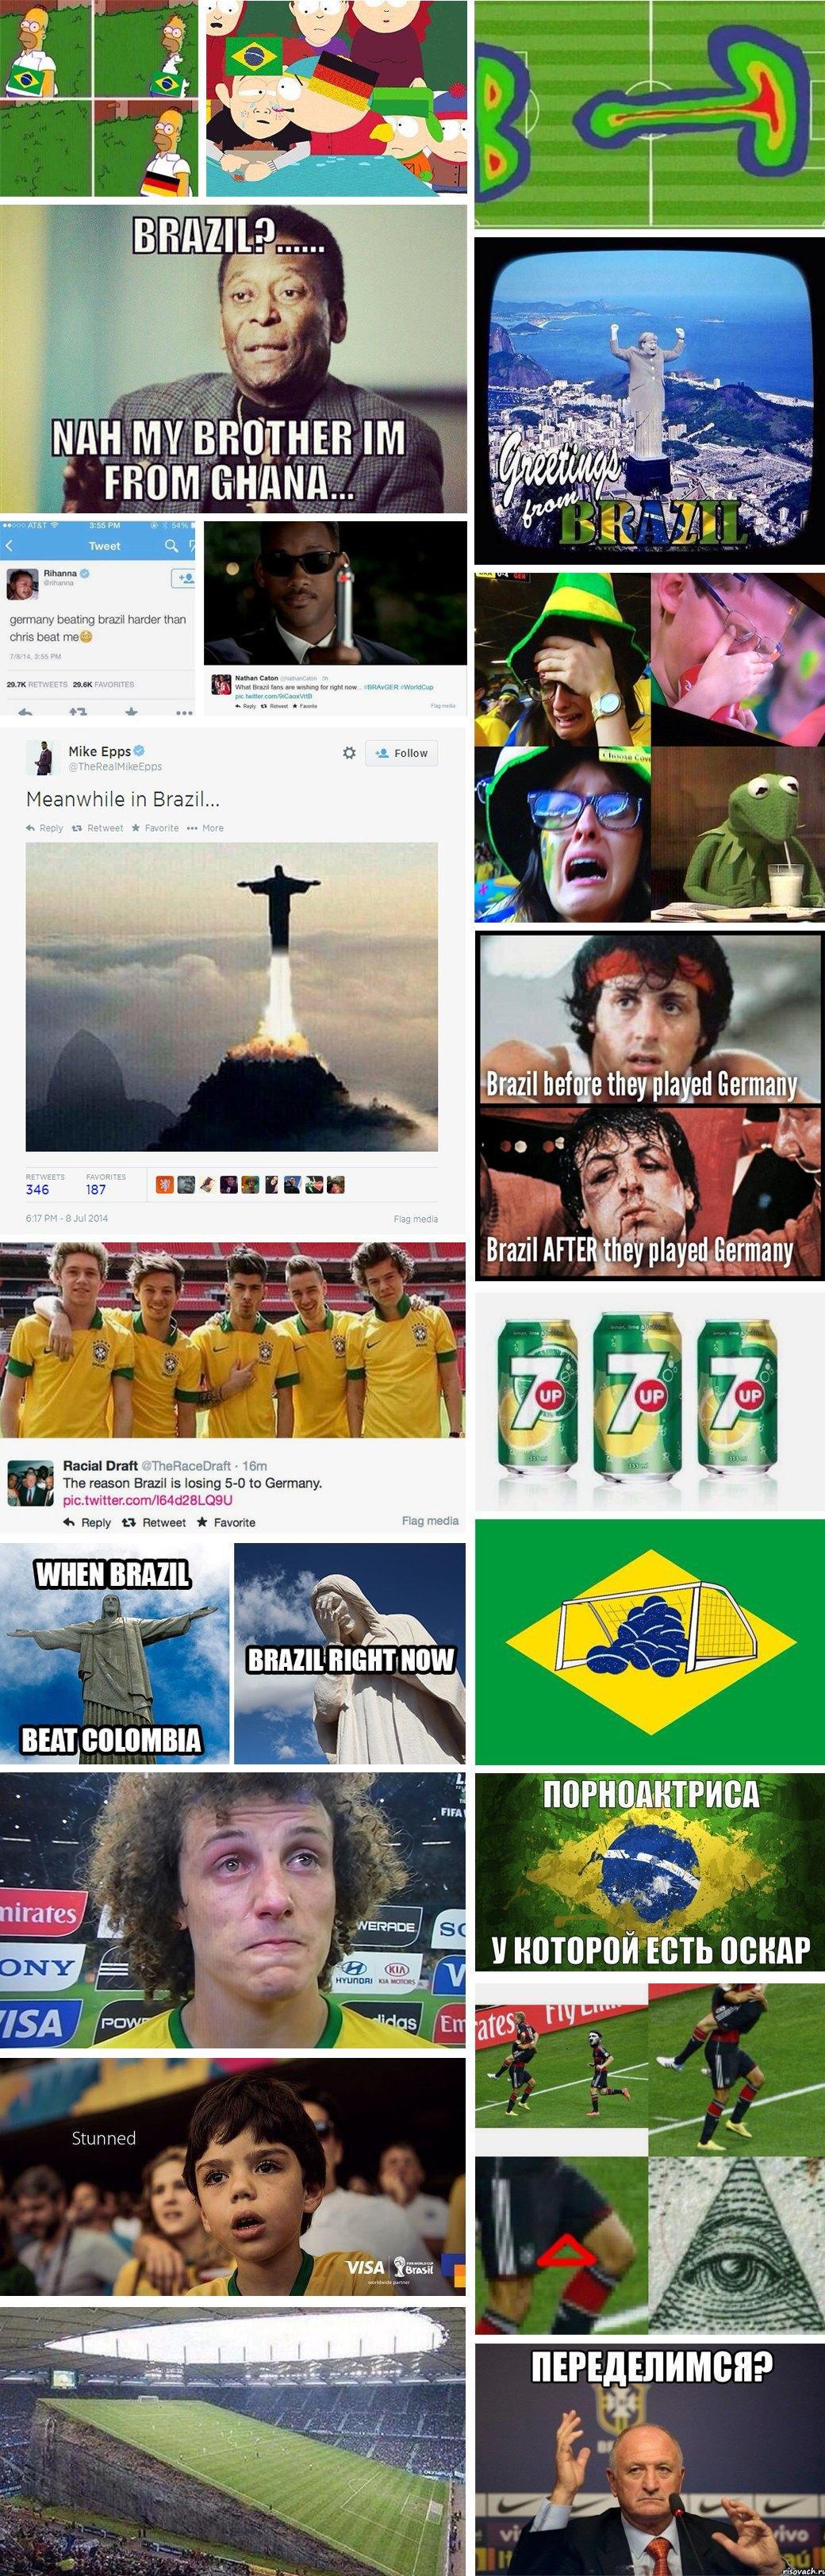 Как мир отреагировал на провал Бразилии. Изображение № 1.